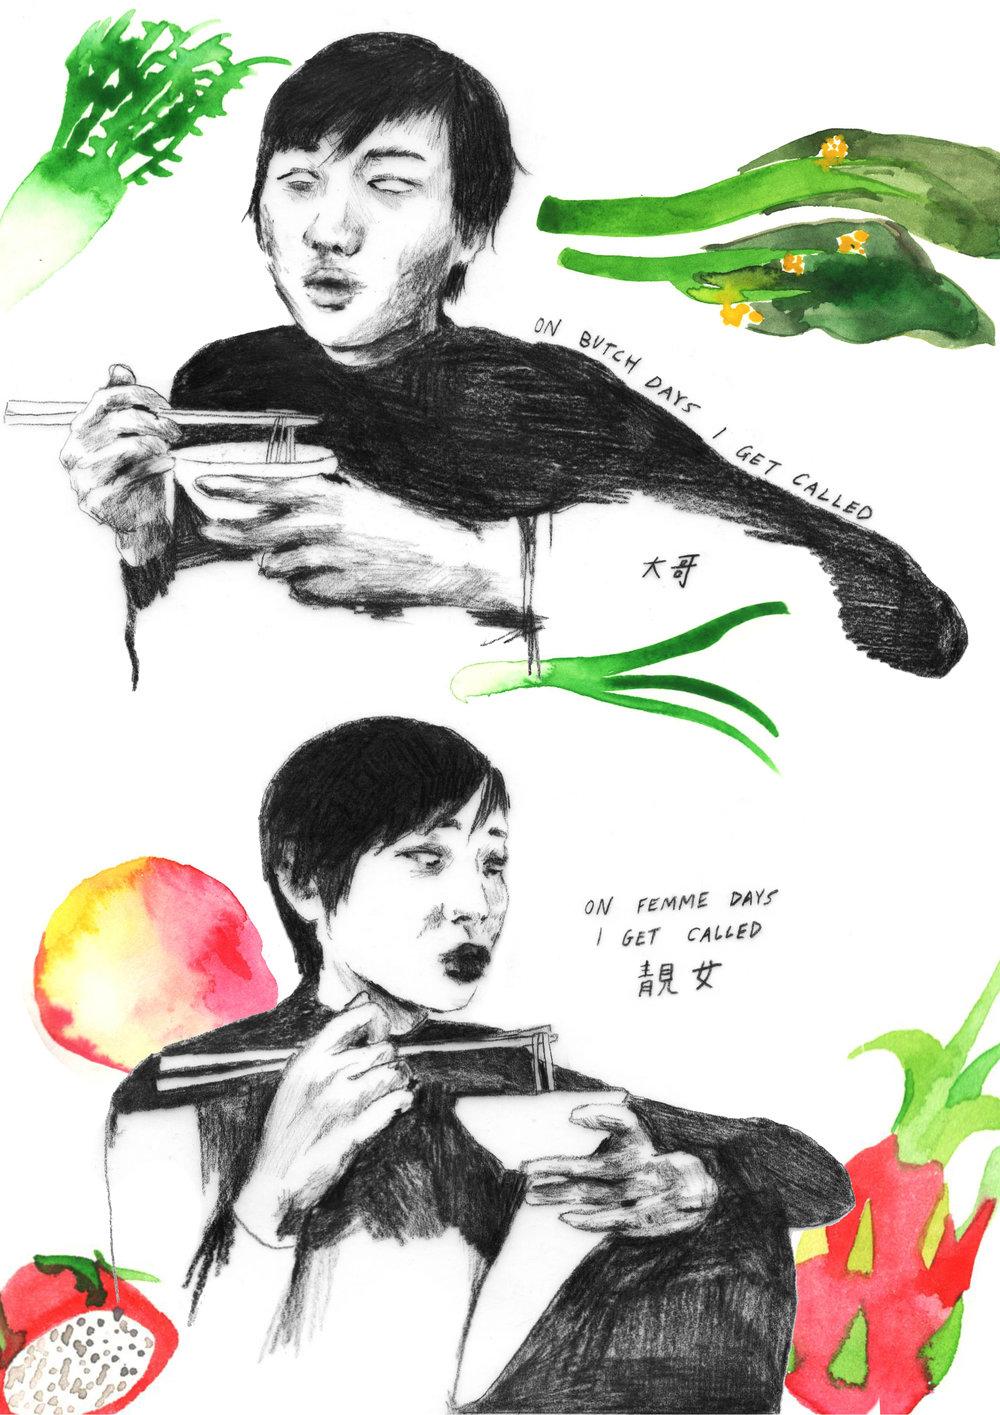 Sai_Mun_Zai_Kaitlin_Page 1.jpg